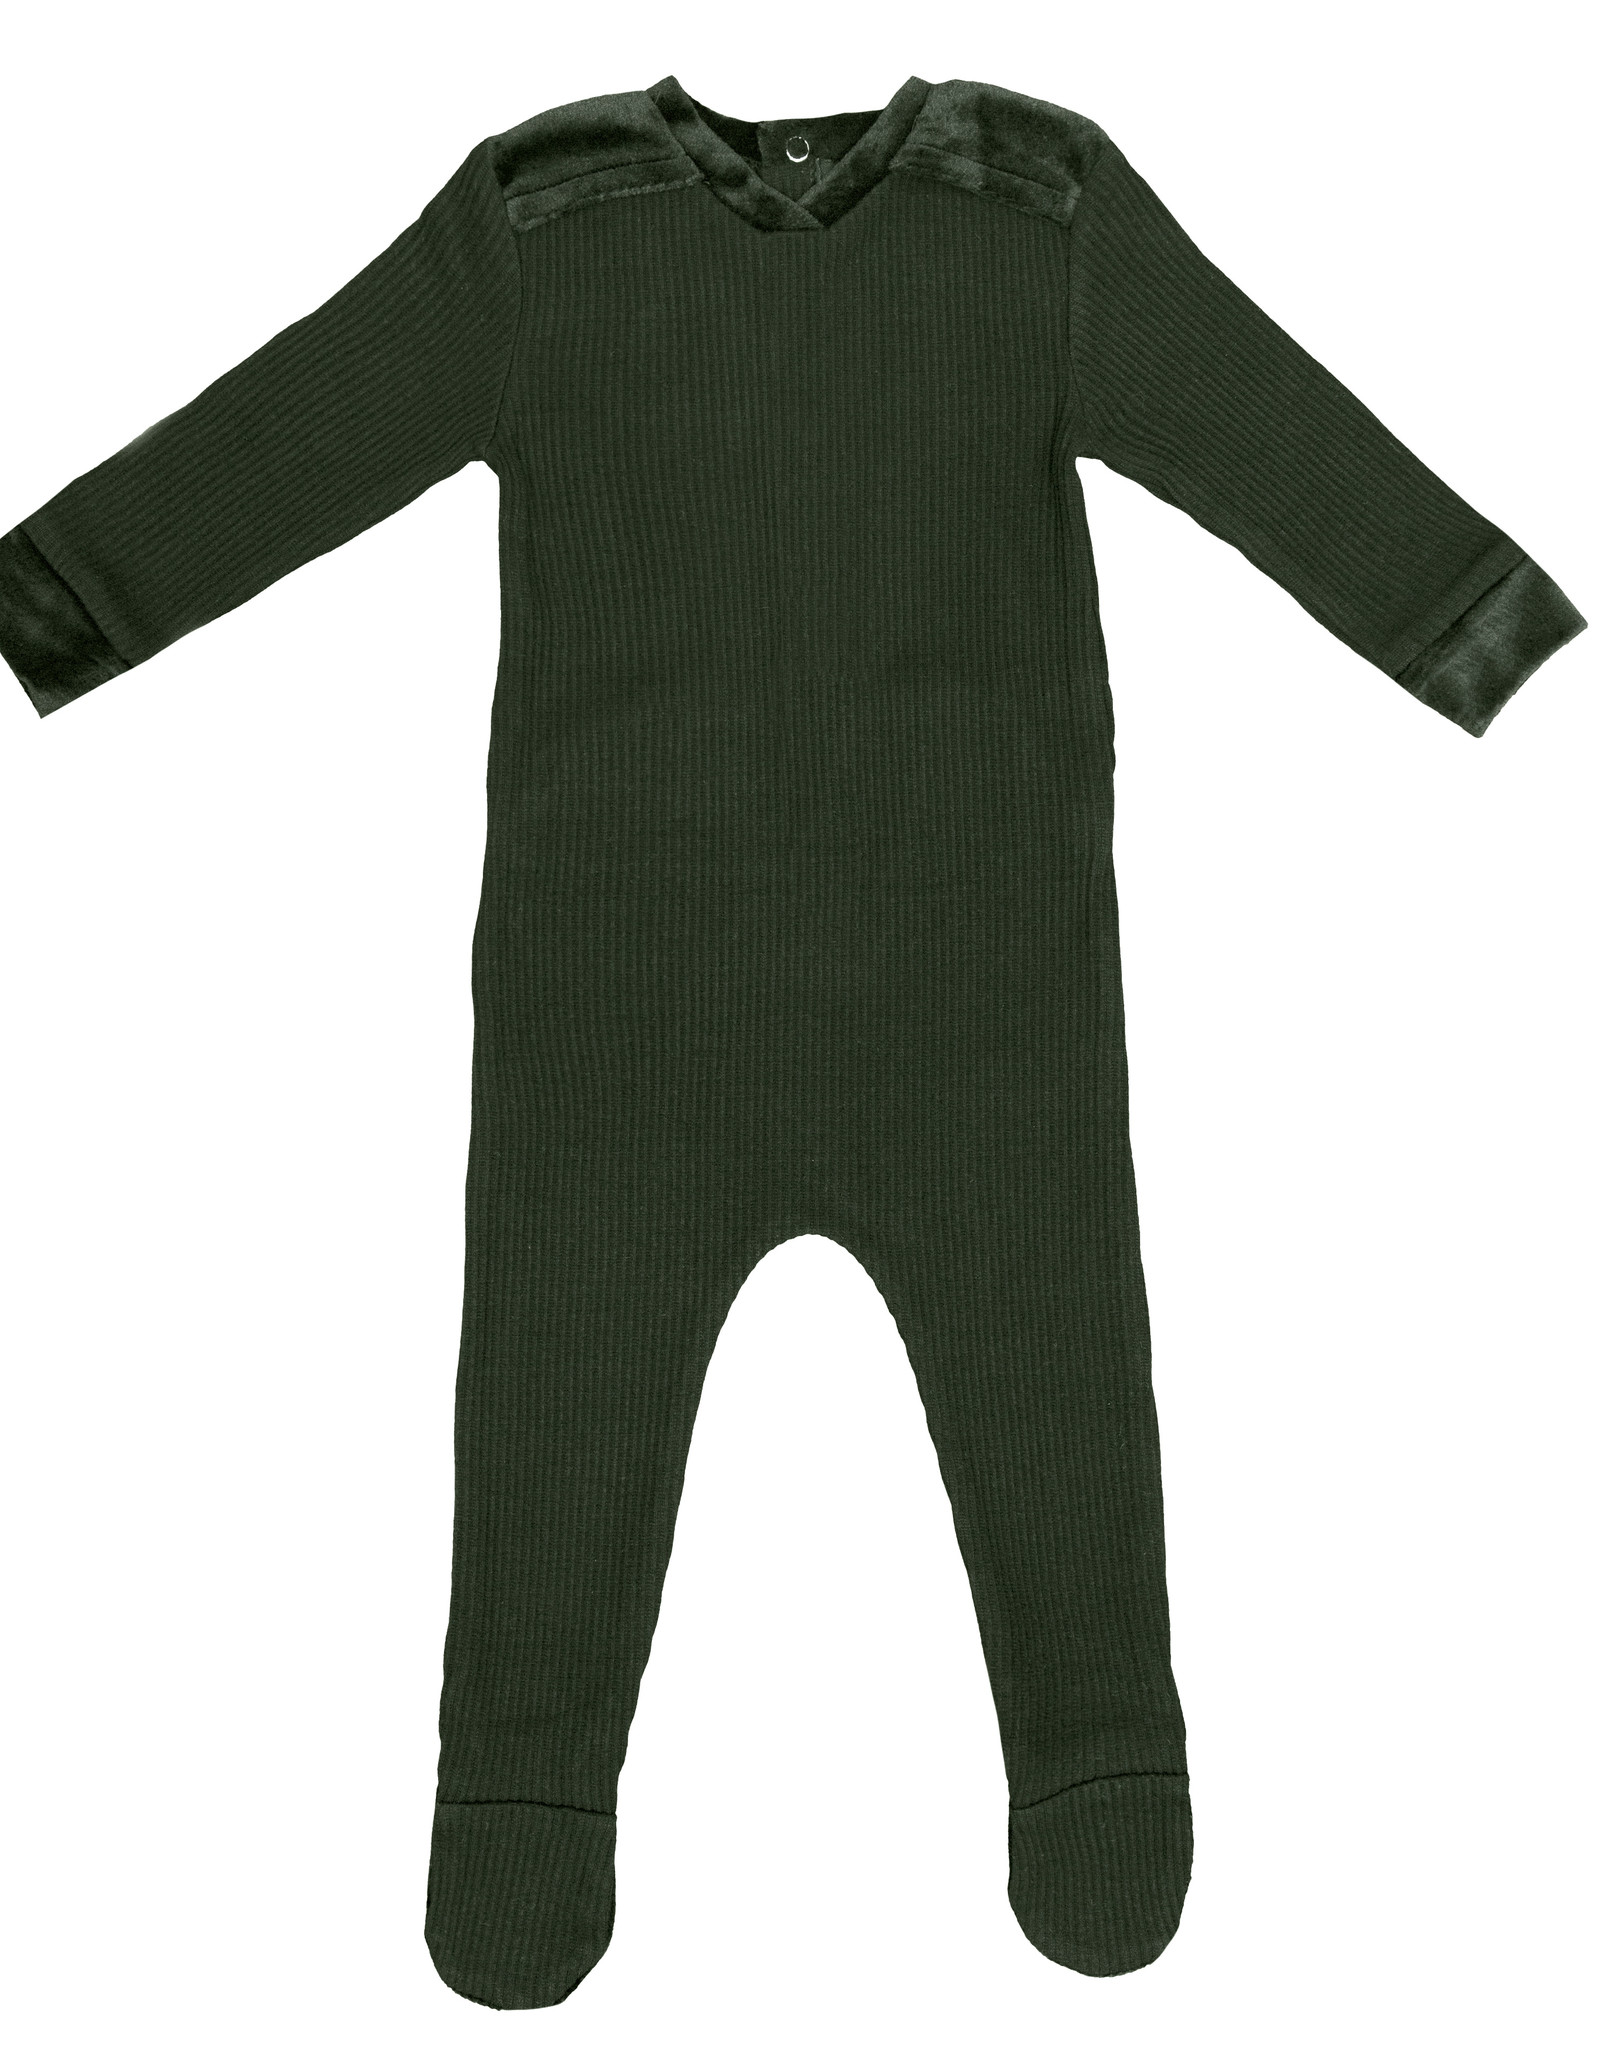 Noggi Noggi Shoulder Detail Footie Pajama